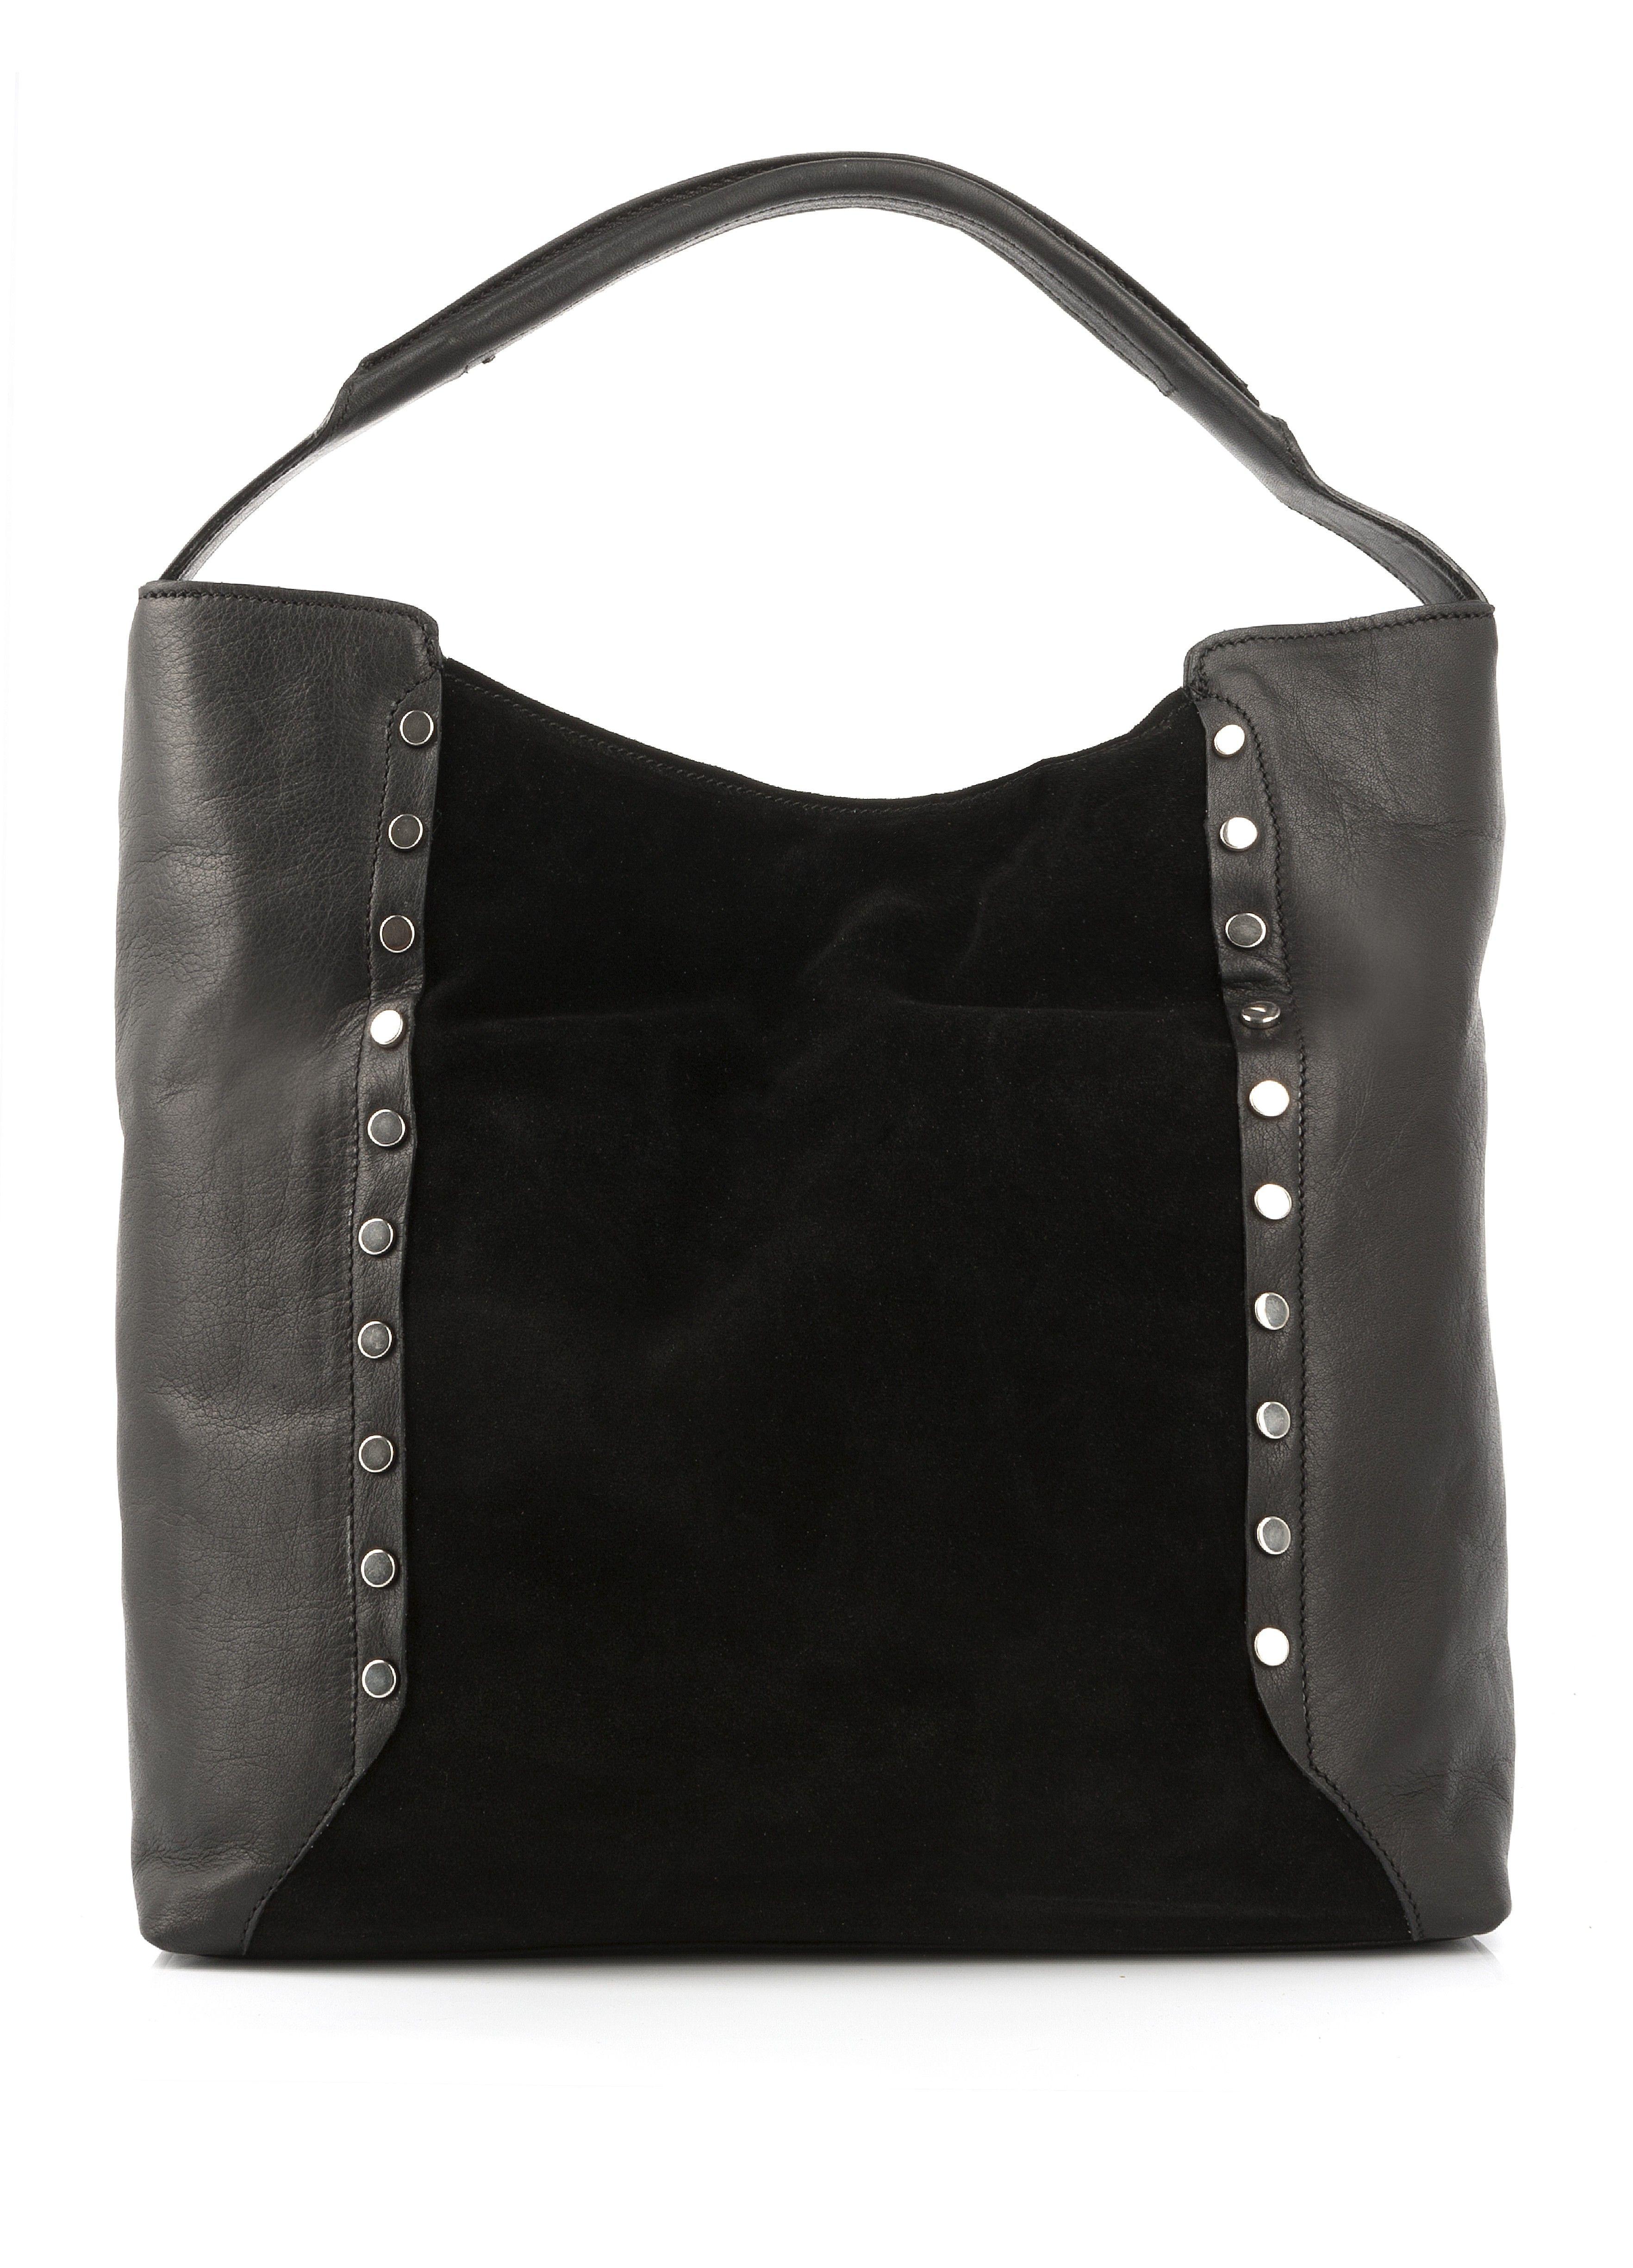 5d861d921f12 Sac cabas en cuir VOTINE noir - Sac et Pochette - Accessoires Soldes -  SOLDES